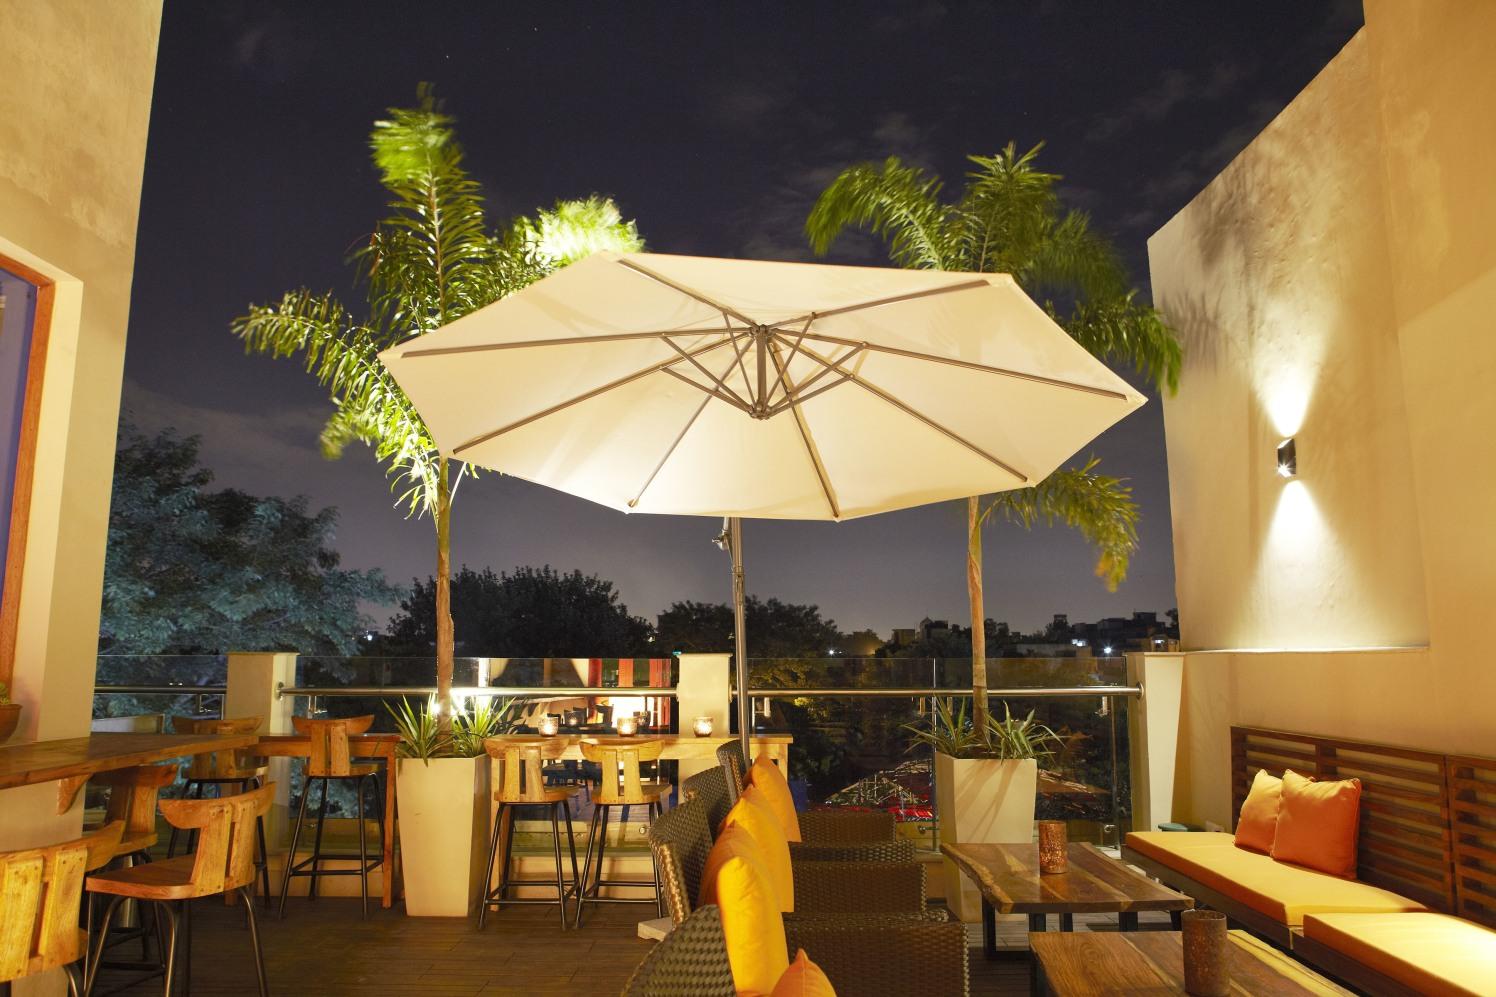 The White Umbrella by The Hidden Gallery Contemporary | Interior Design Photos & Ideas